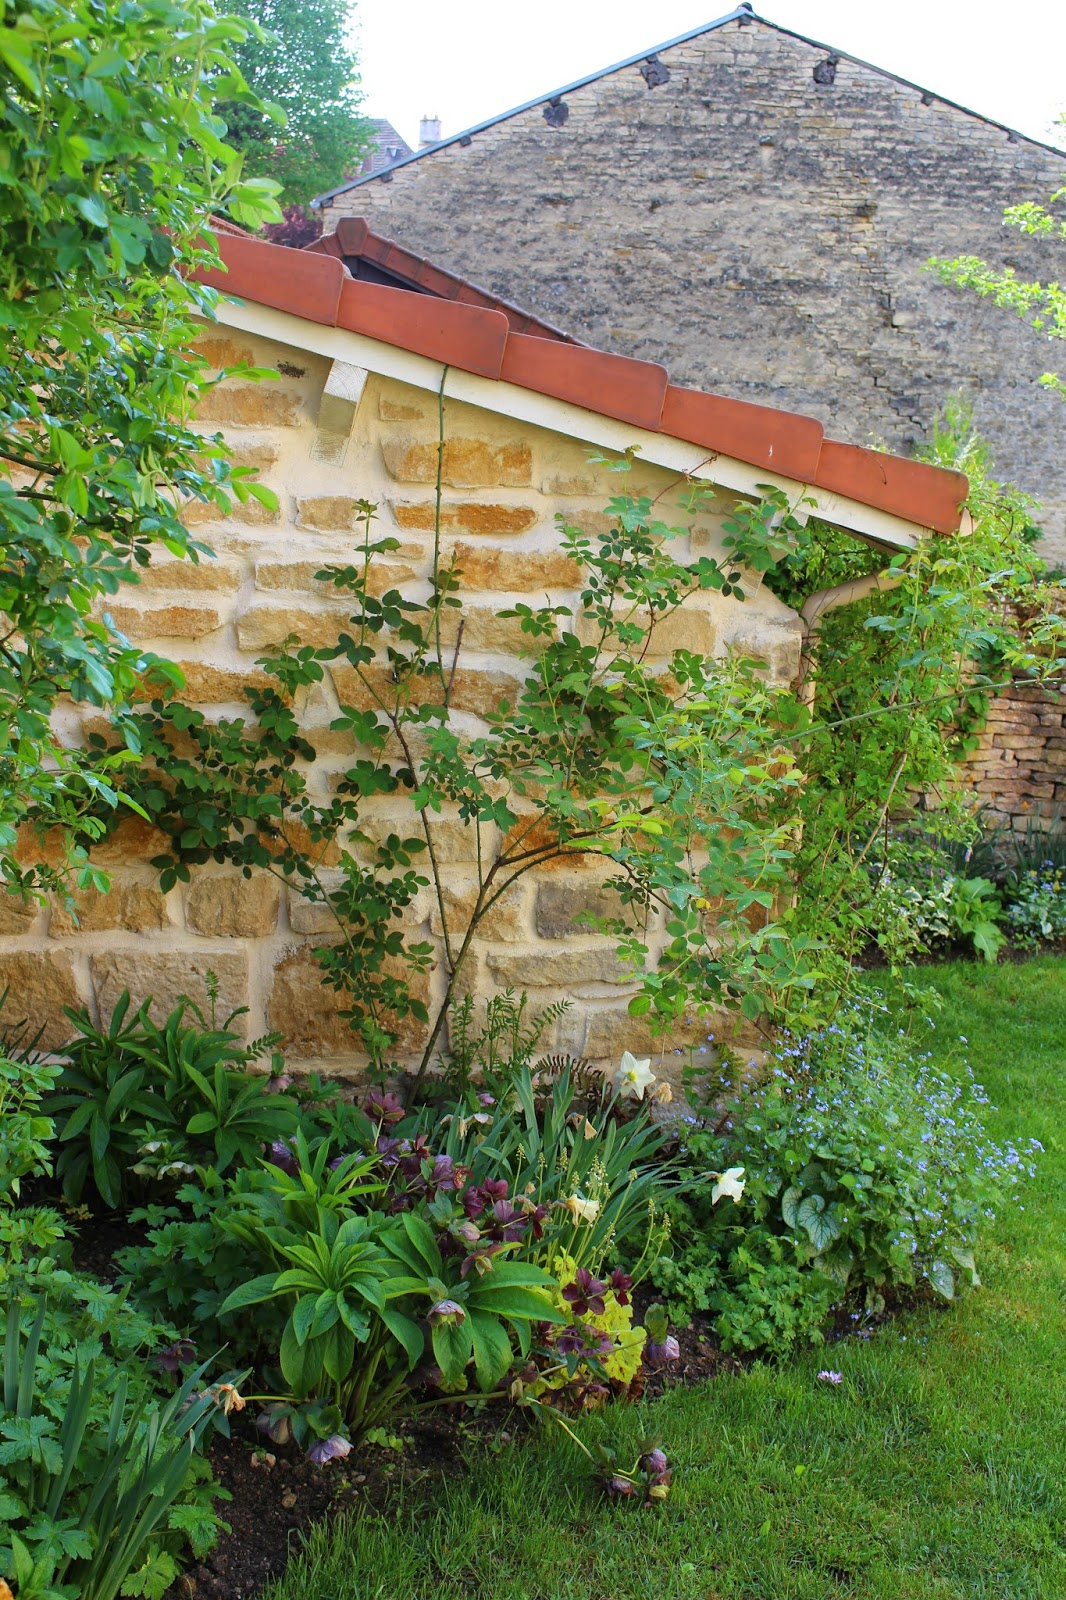 Notre jardin secret beautiful sunday for Jardin secret 78